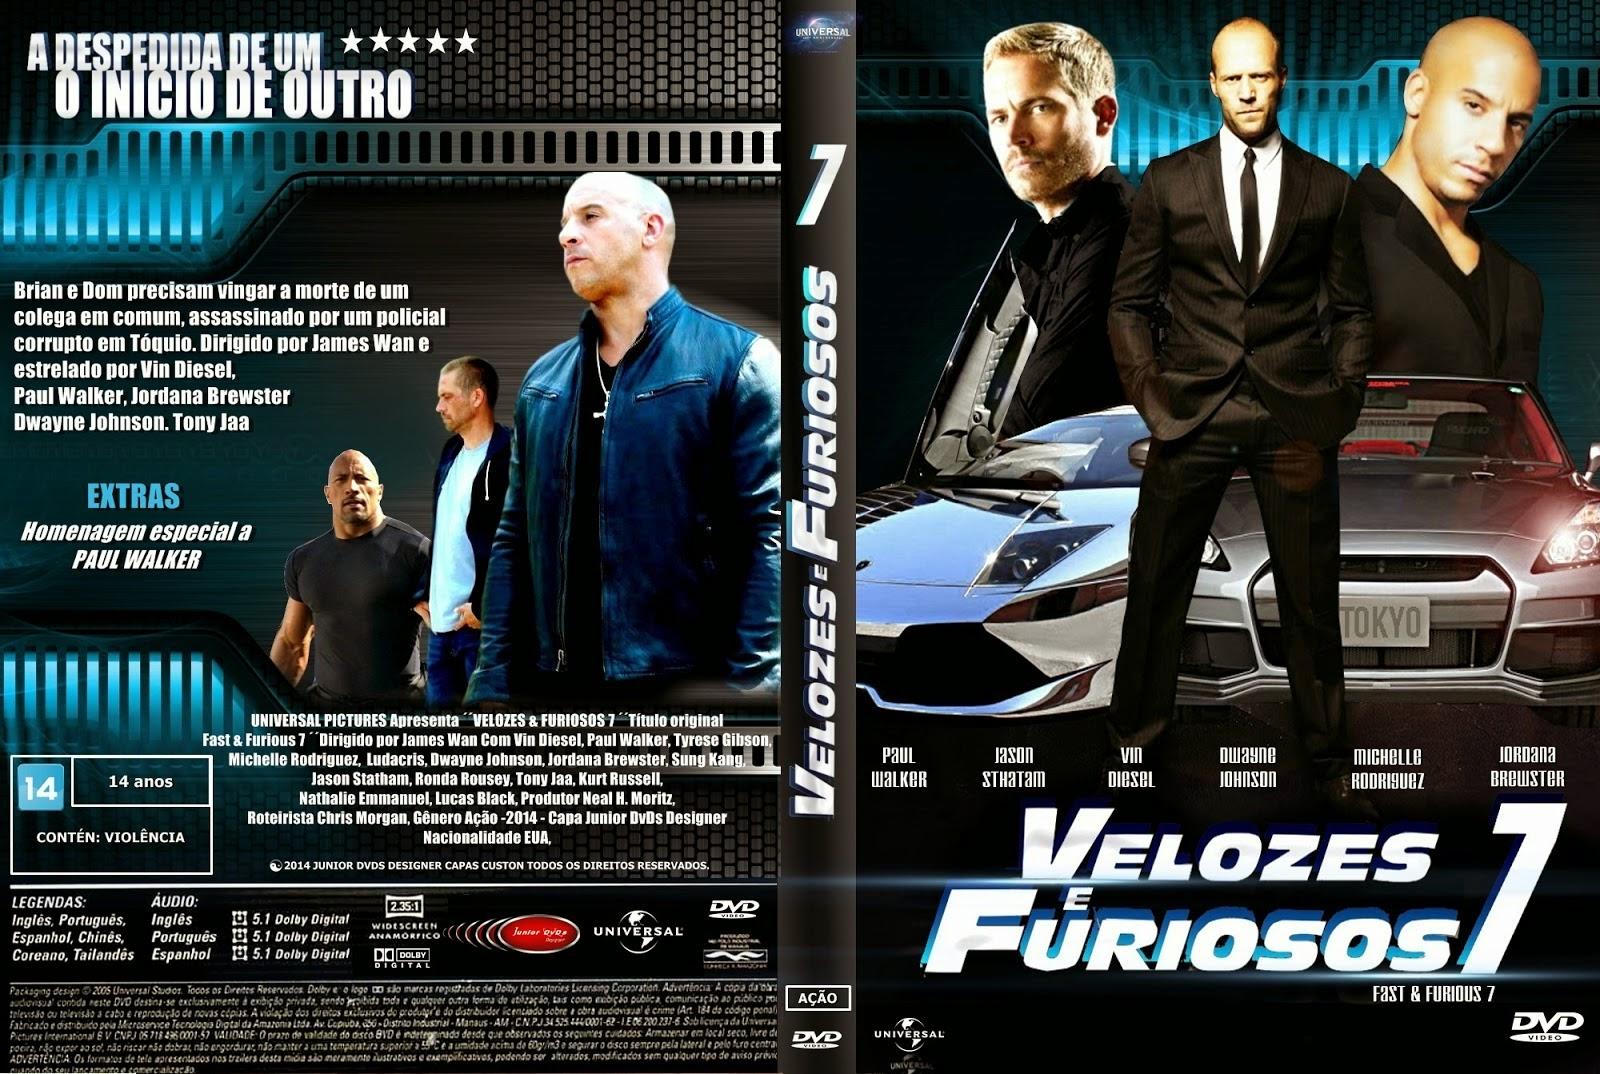 Downloads Filmes Br Velozes Furiosos 7 Torrent Hdts 720p Dublado 2015